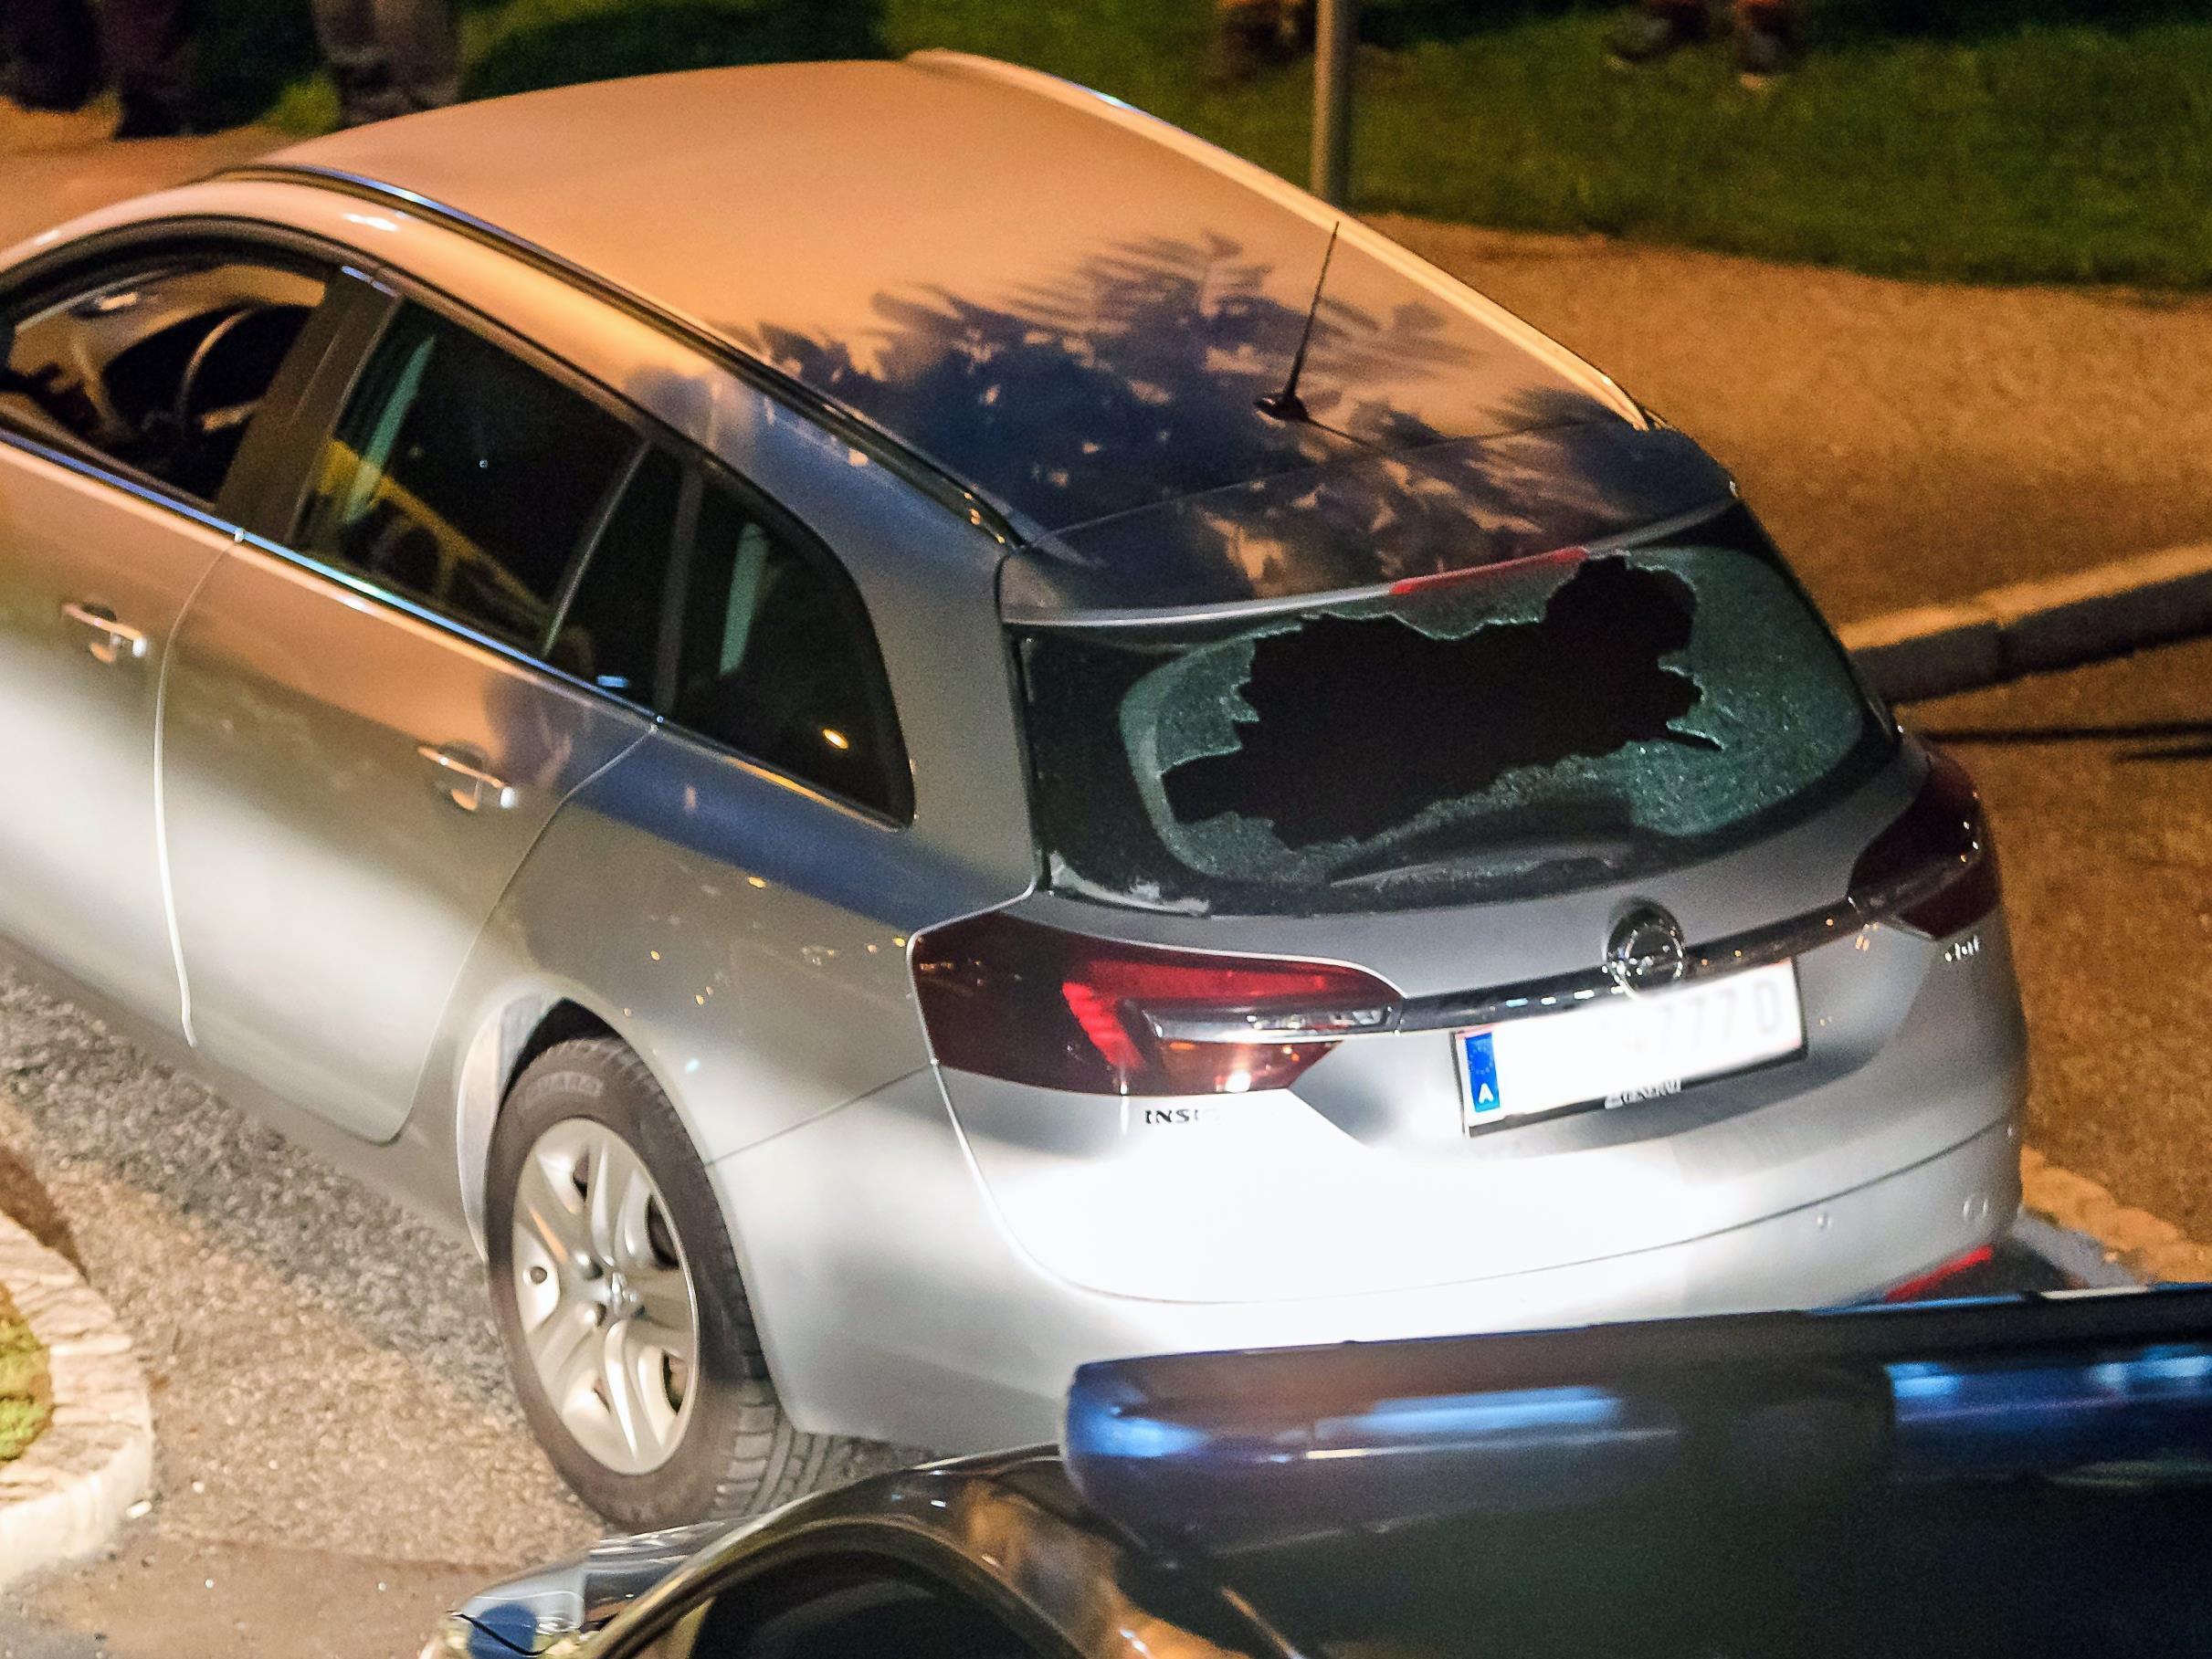 Der Mann hat mit einem Luftgewehr vom Balkon seines Hauses geschossen und zwei Fahrzeuge beschädigt.